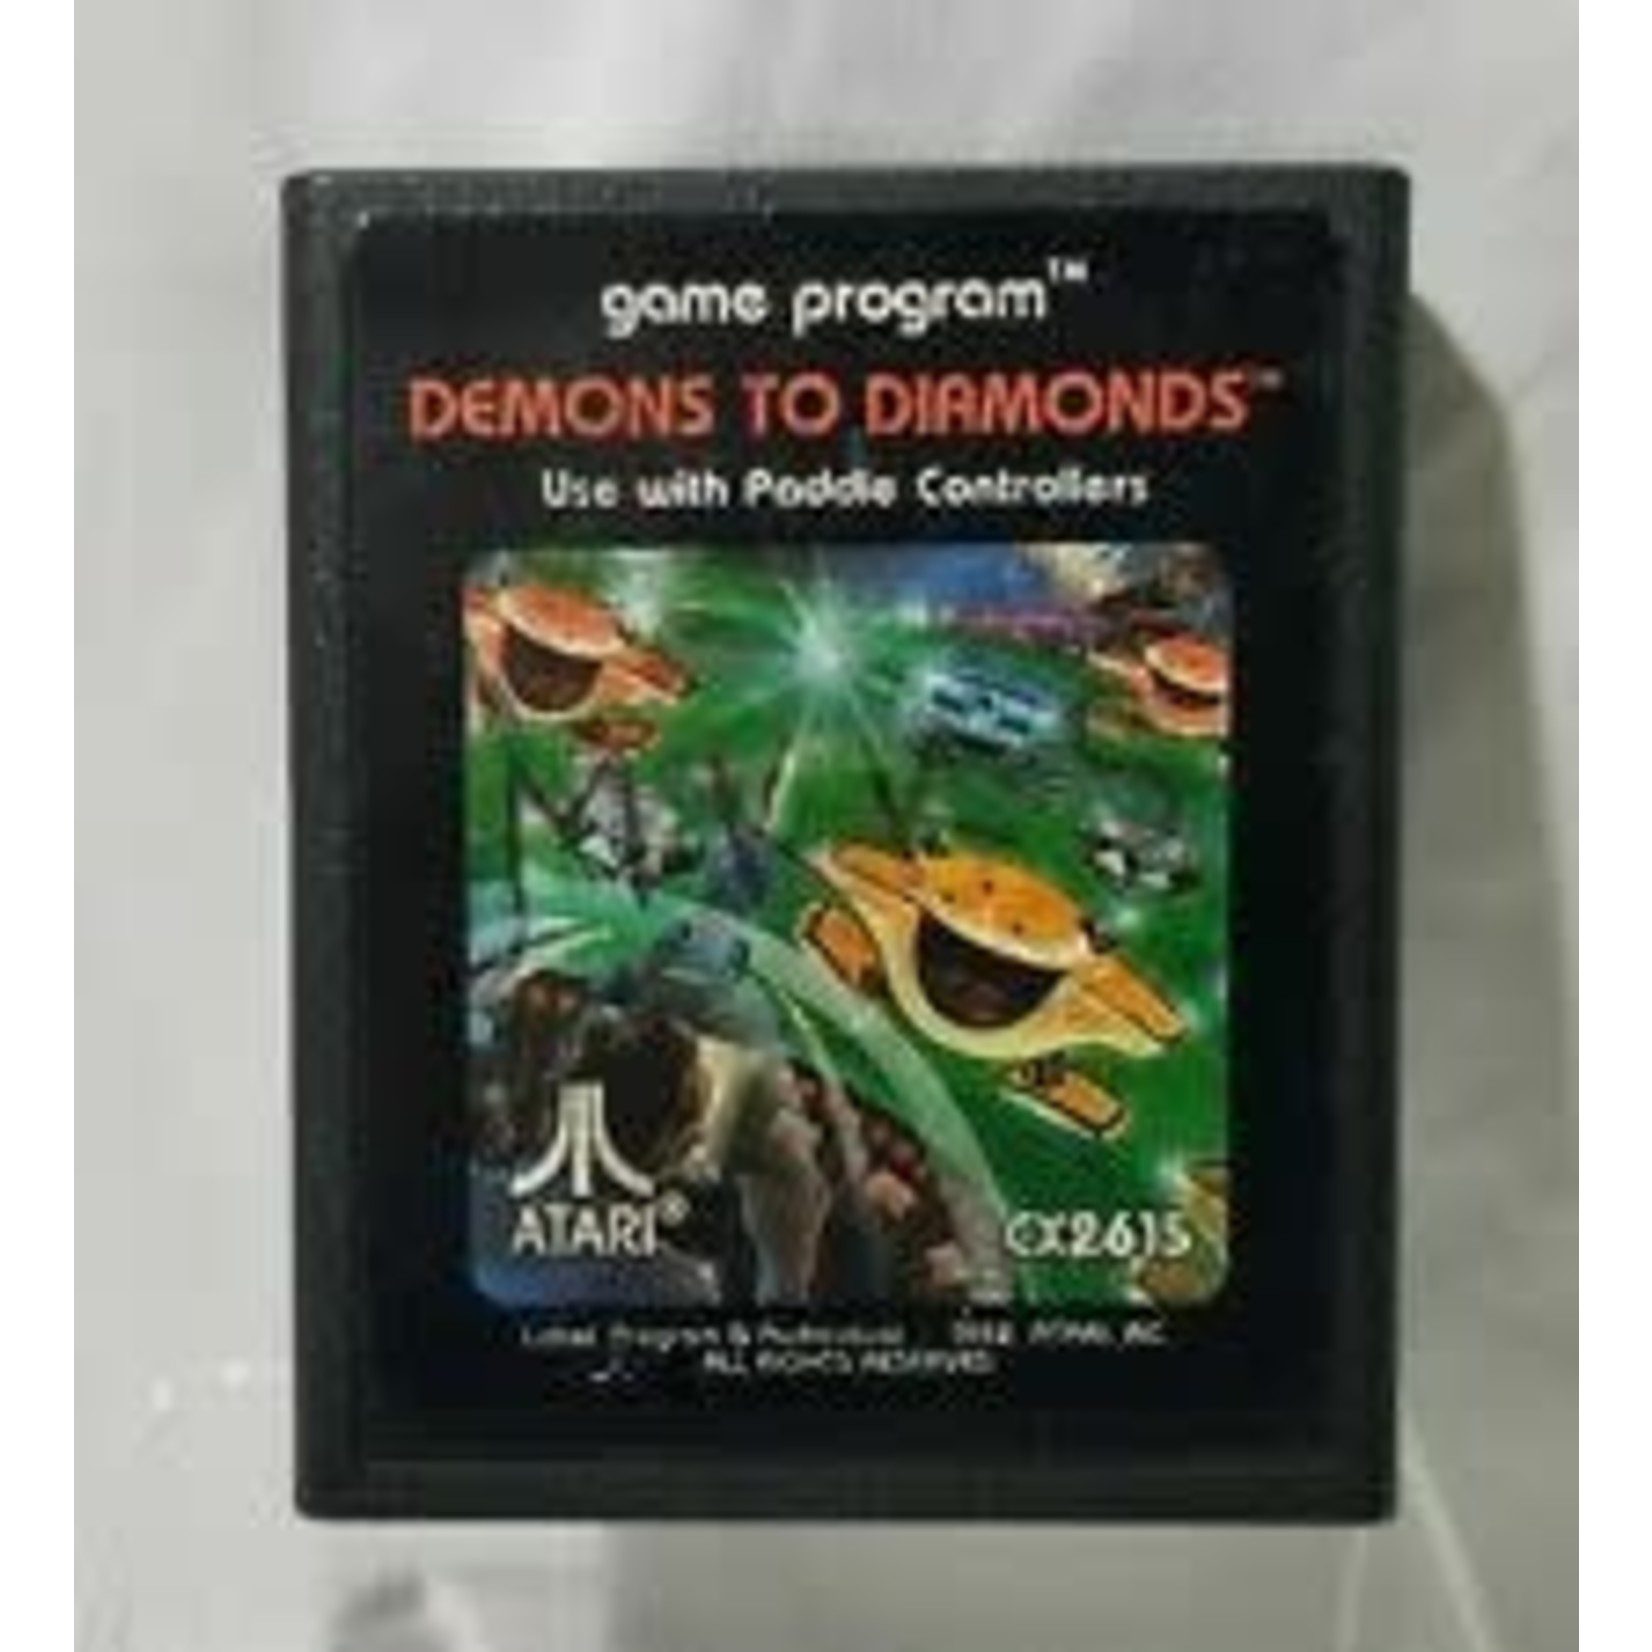 ATARIU-Demons To Diamonds (CART ONLY)